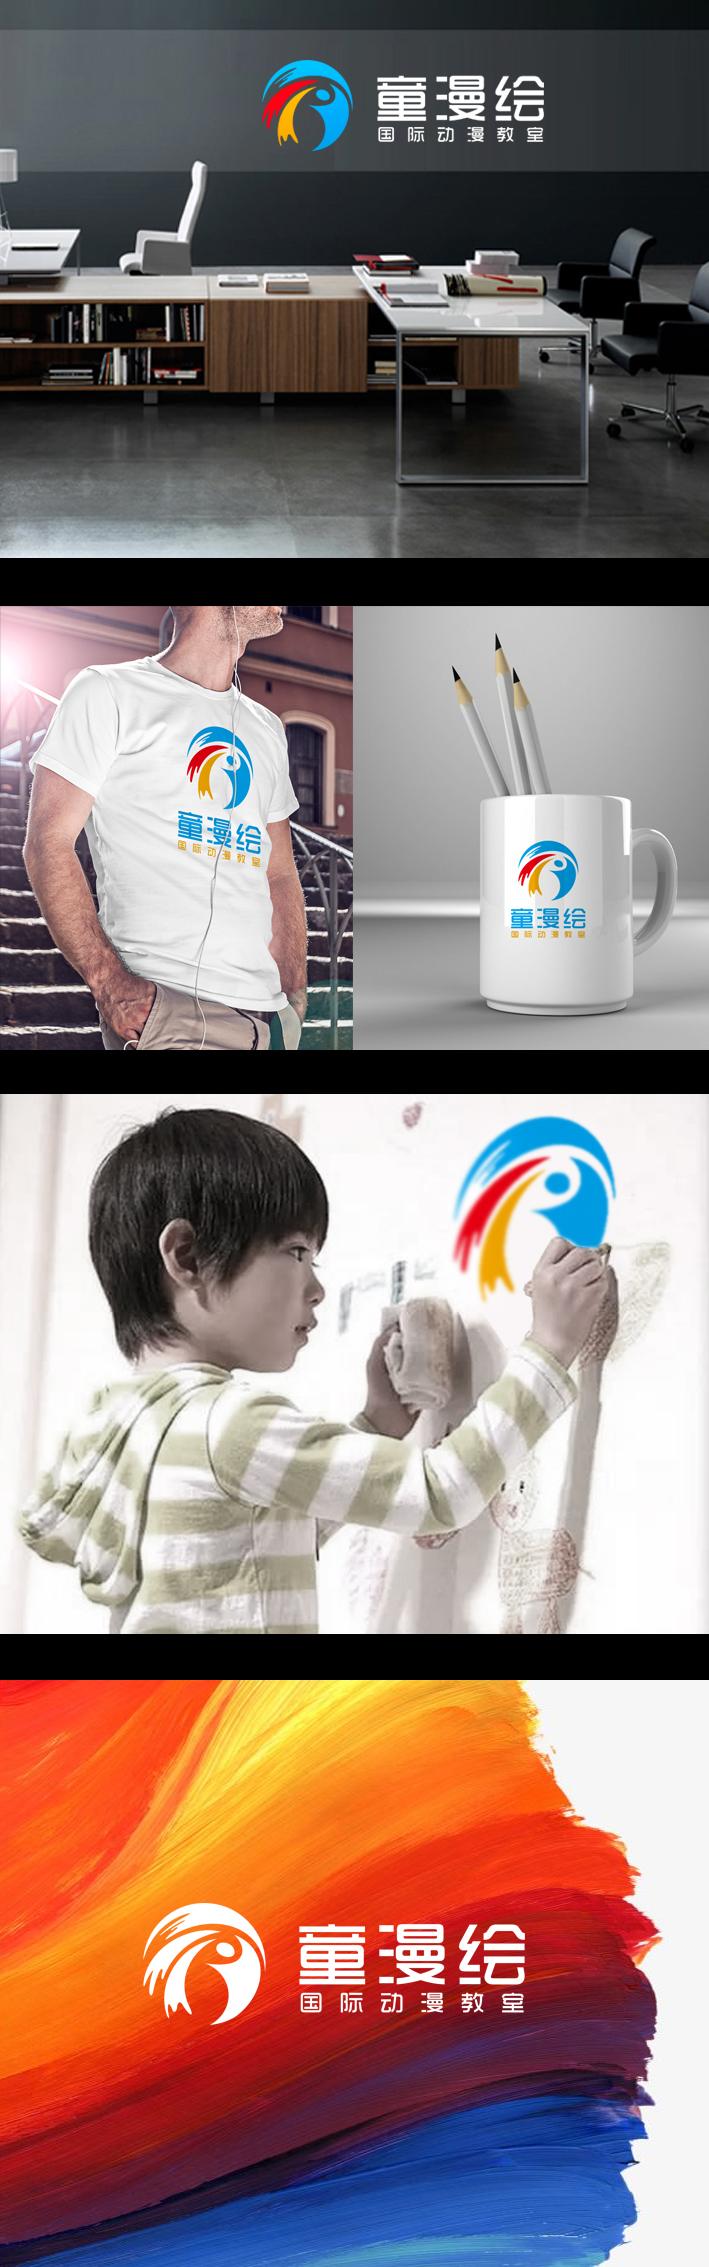 征集logo_3022682_k68威客网